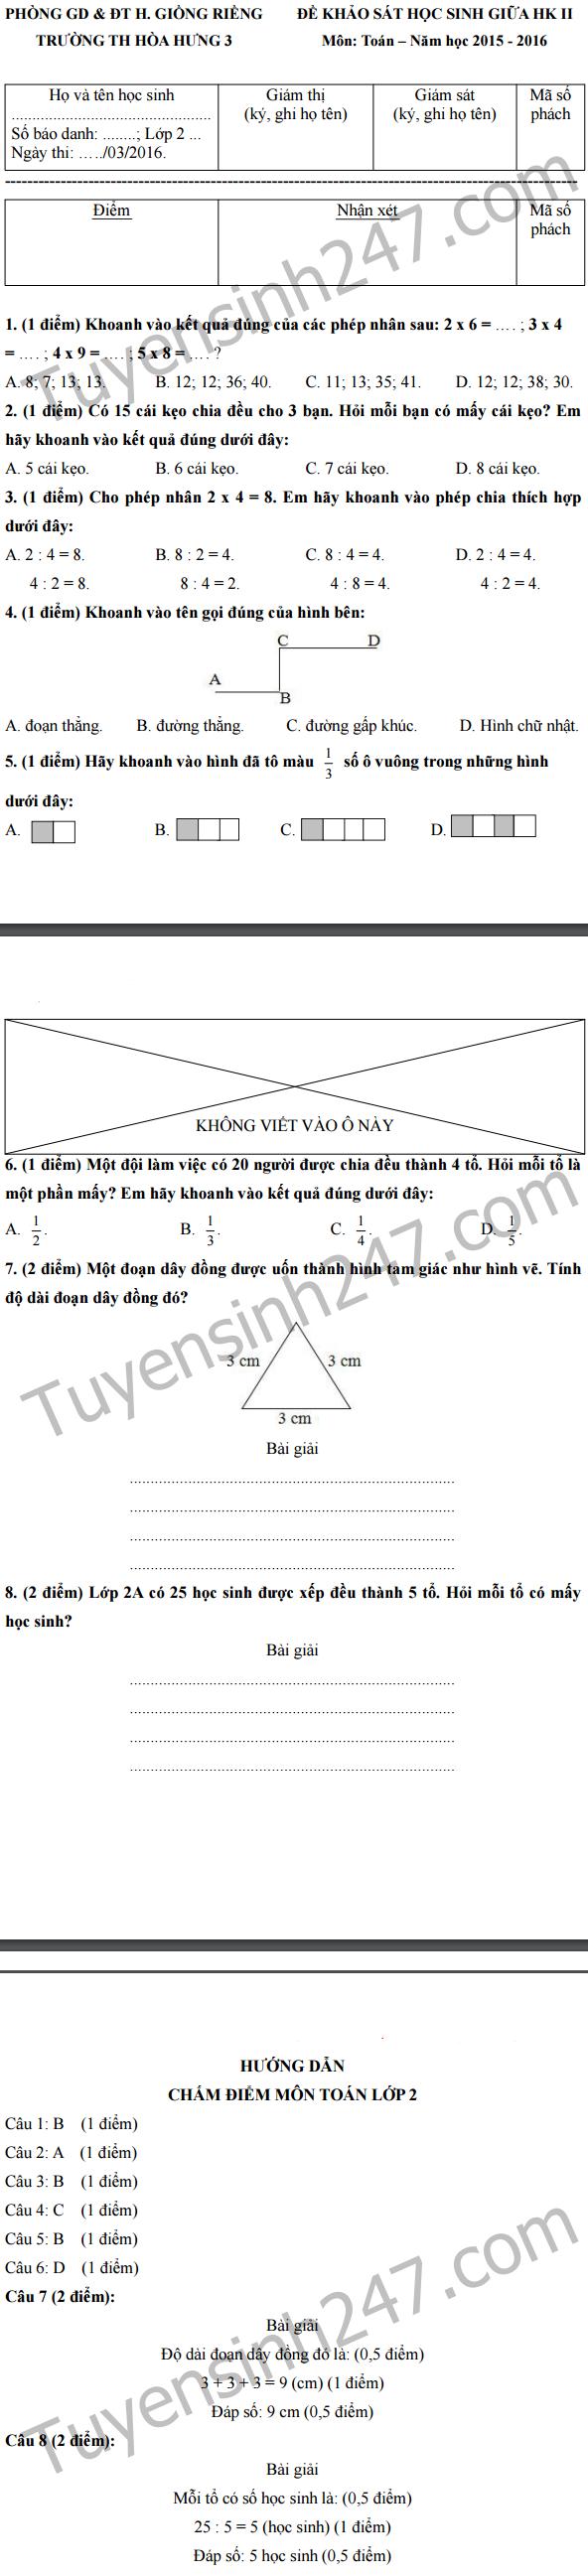 De thi giua hoc ki 2 lop 2 mon Toan - Tieu hoc Hoa Hung 3 nam 2016